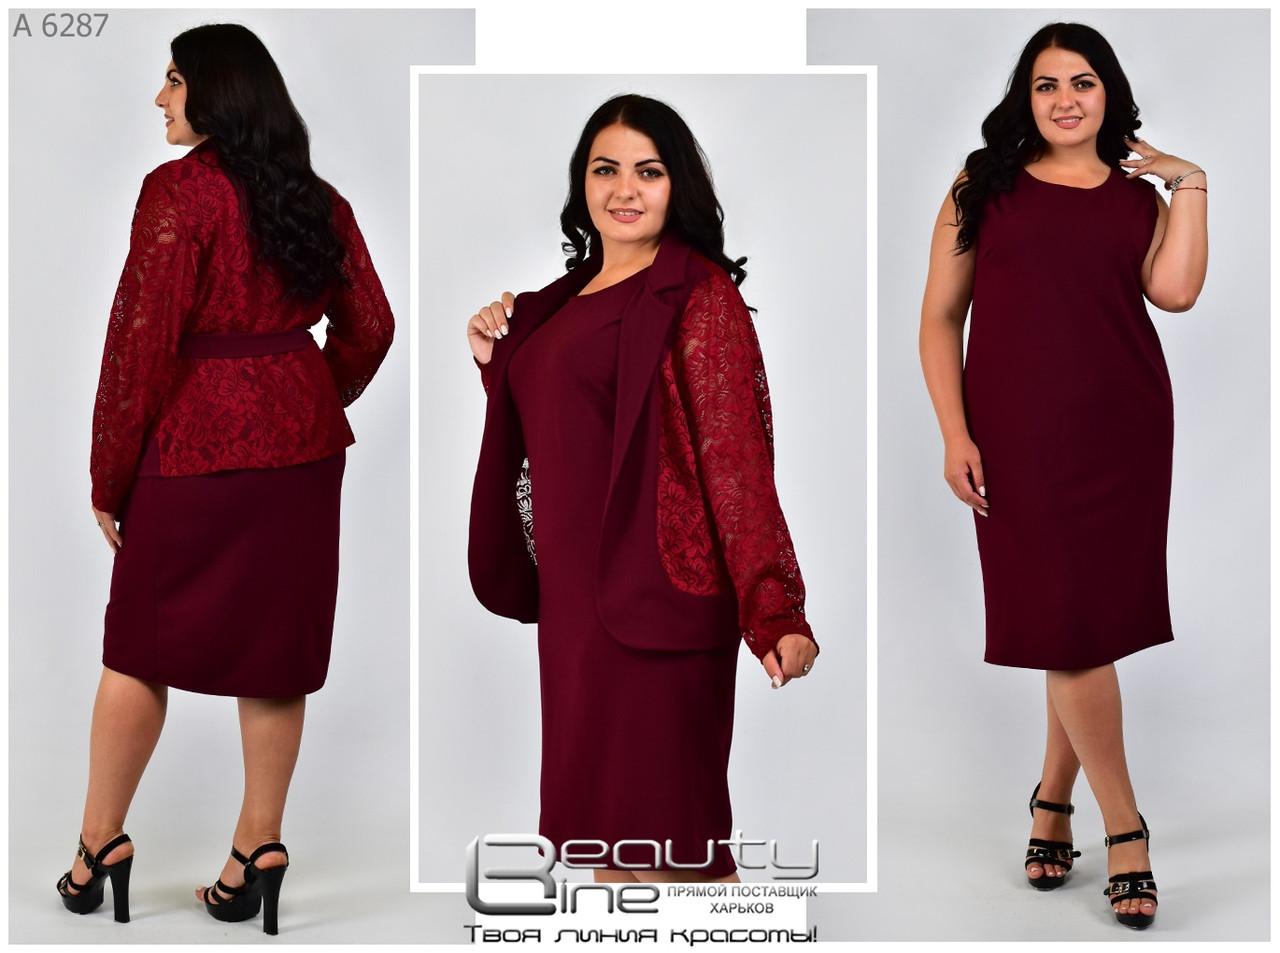 Костюм-двойка пиджак + платье размеры 54.56.58.60.62.64.66